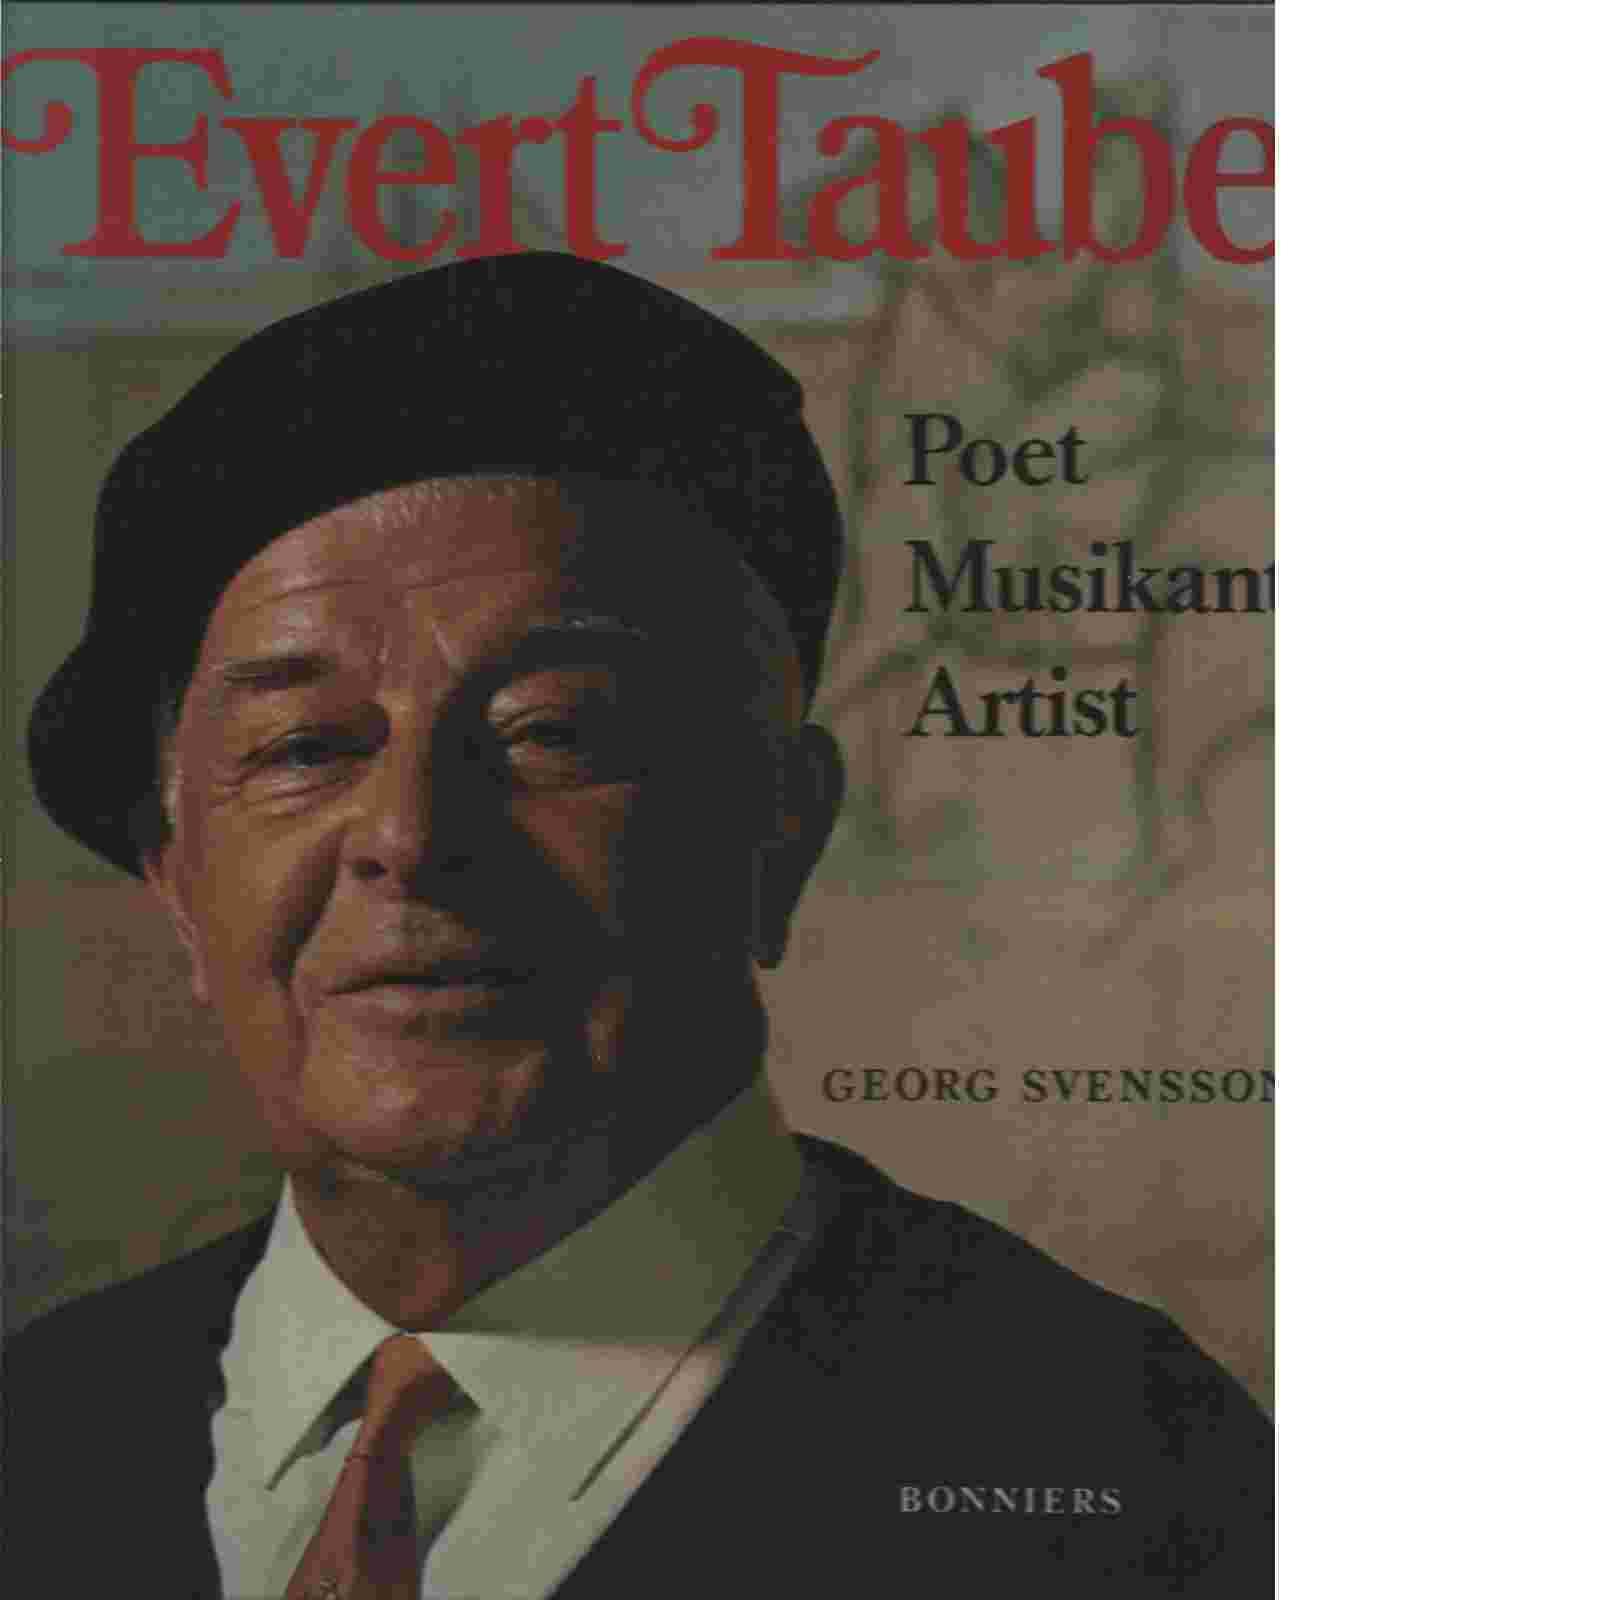 Evert Taube  poet, musikant, artist - Svensson, Georg